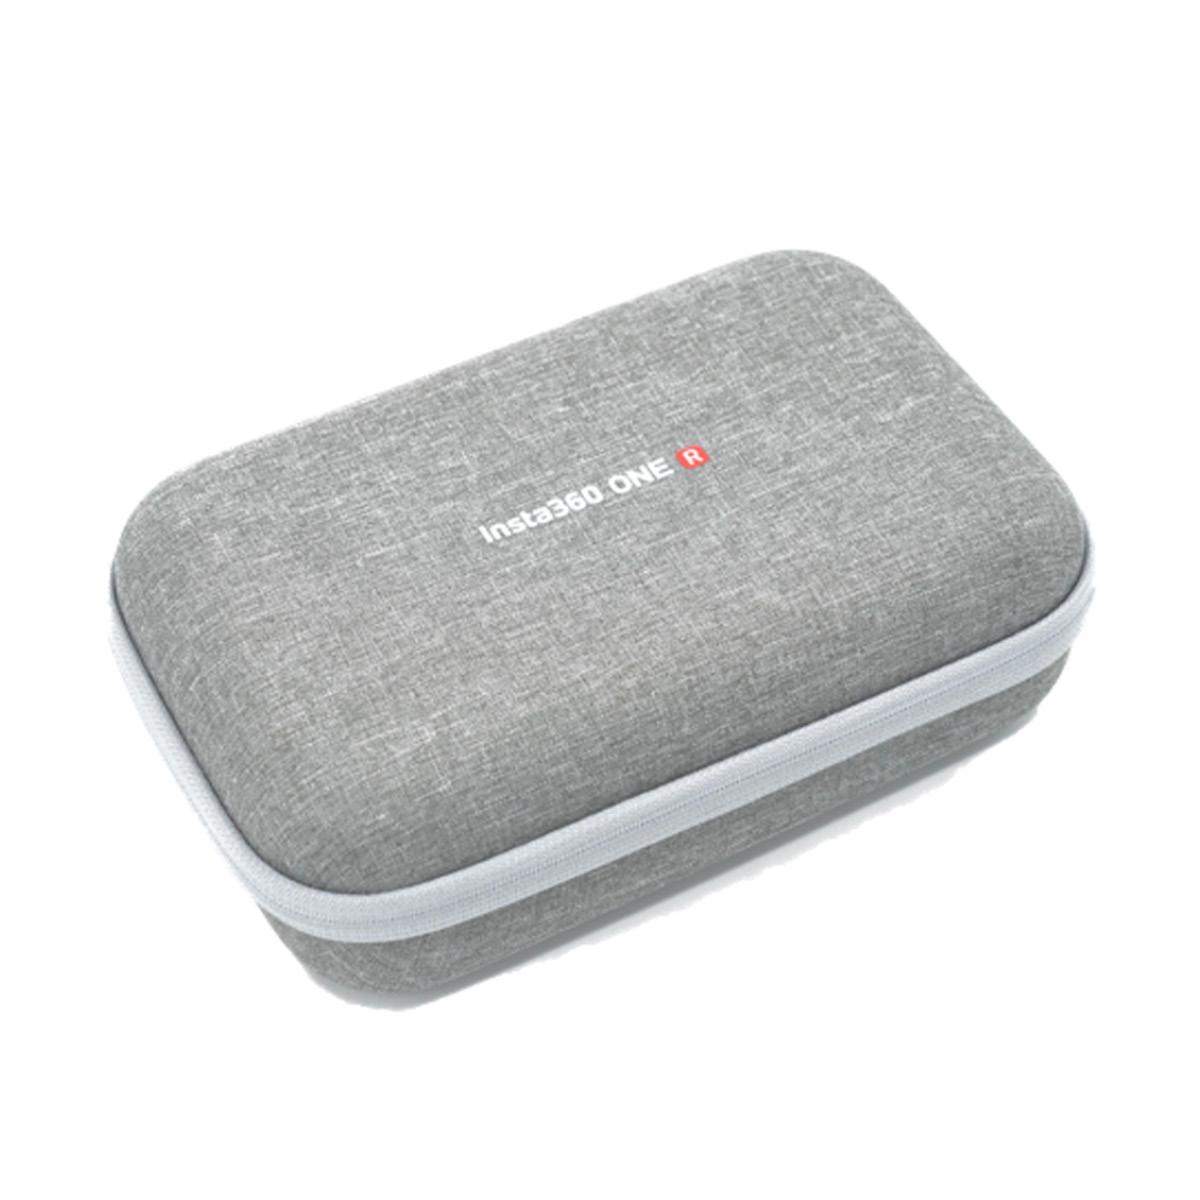 Insta360 One R Carrycase